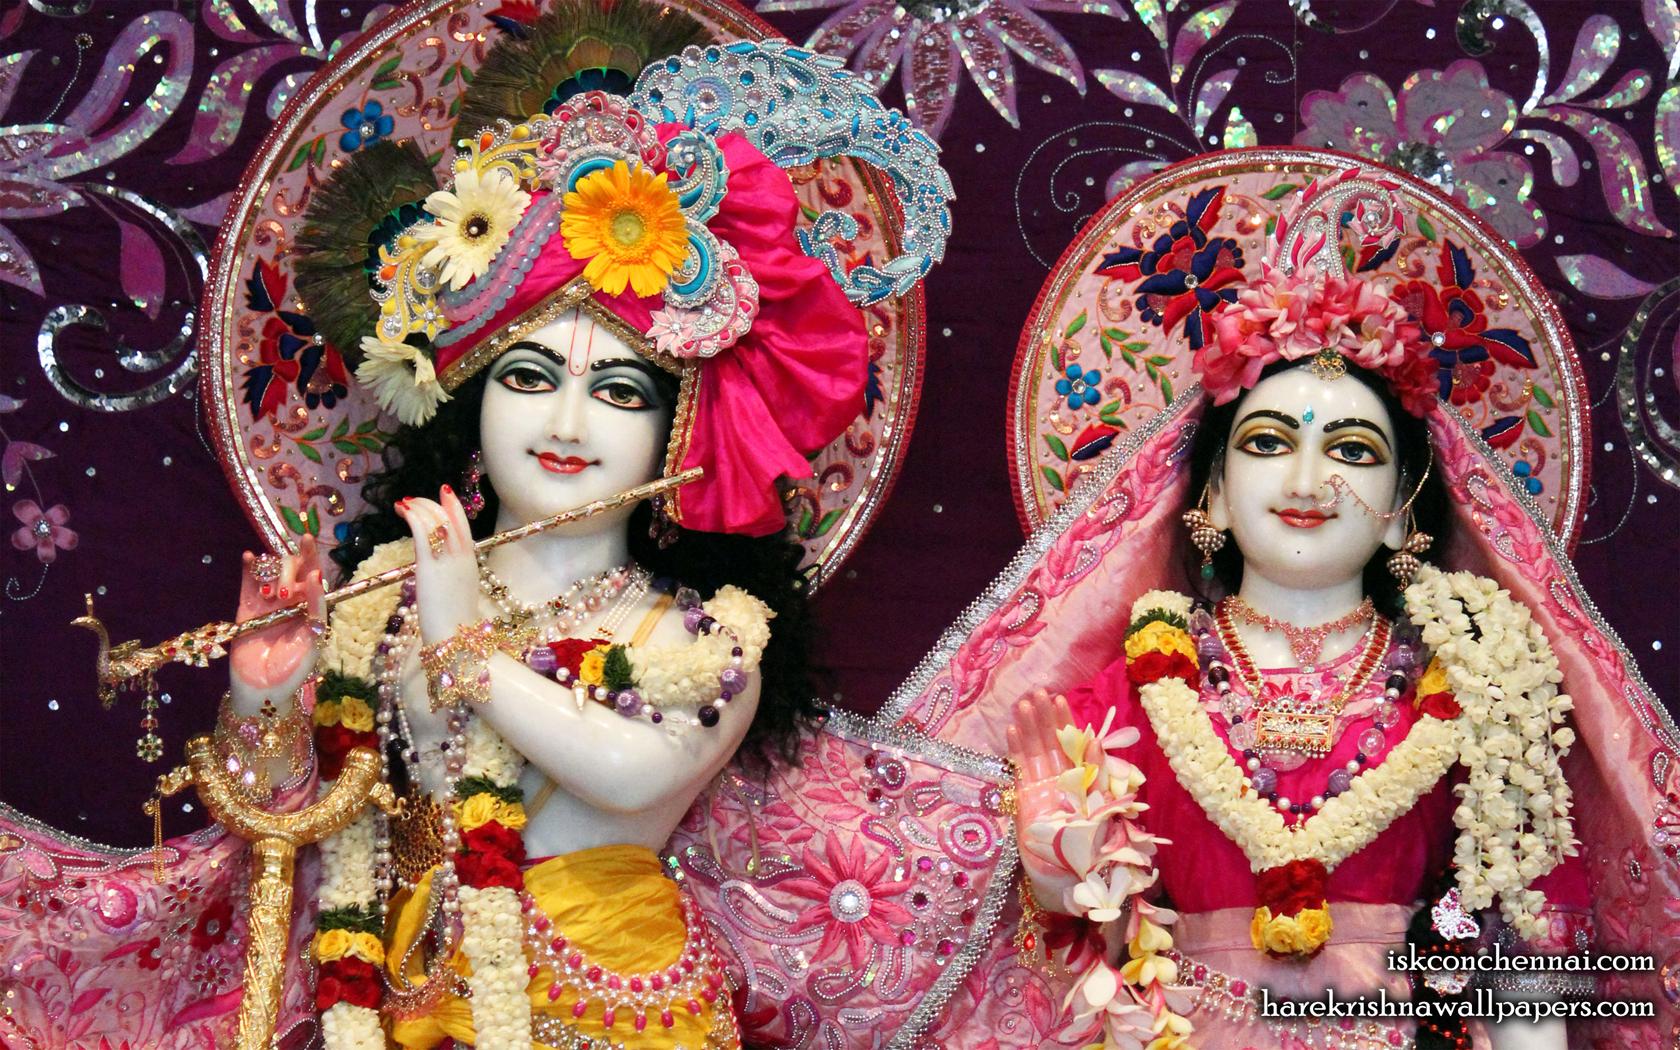 Sri Sri Radha Krishna Close up Wallpaper (001) Size 1680x1050 Download